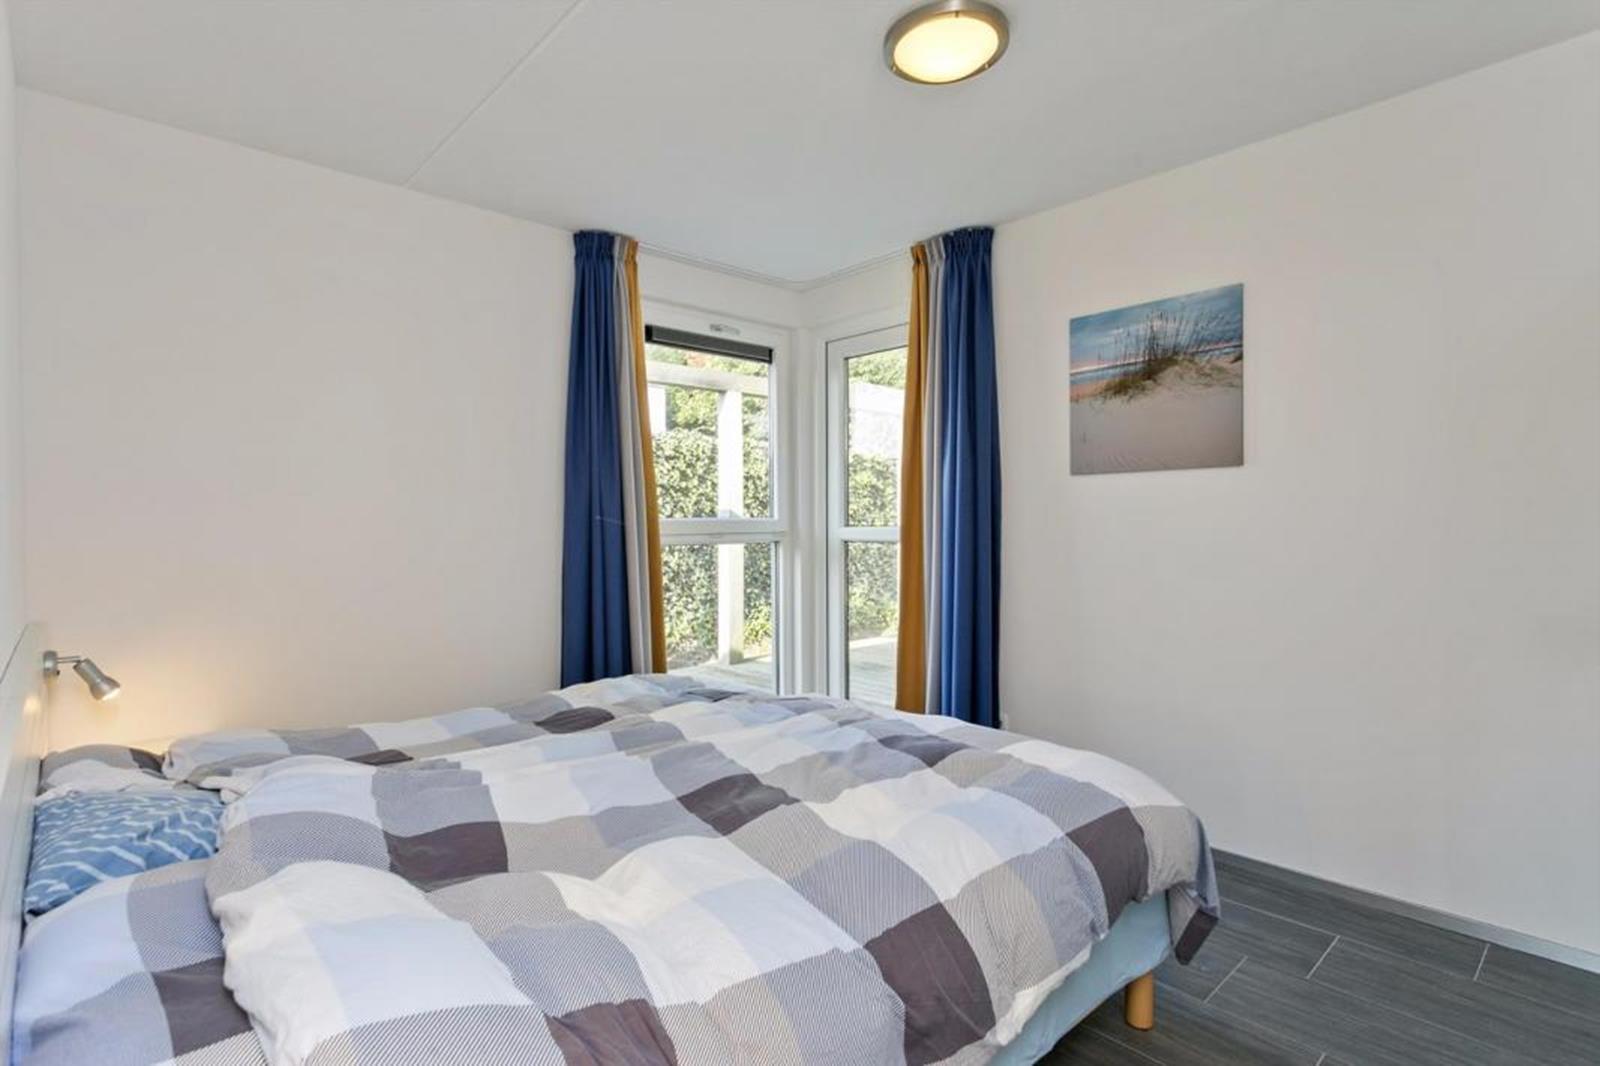 Vakantiehuis te koop Ouddorp WD31 027.jpg